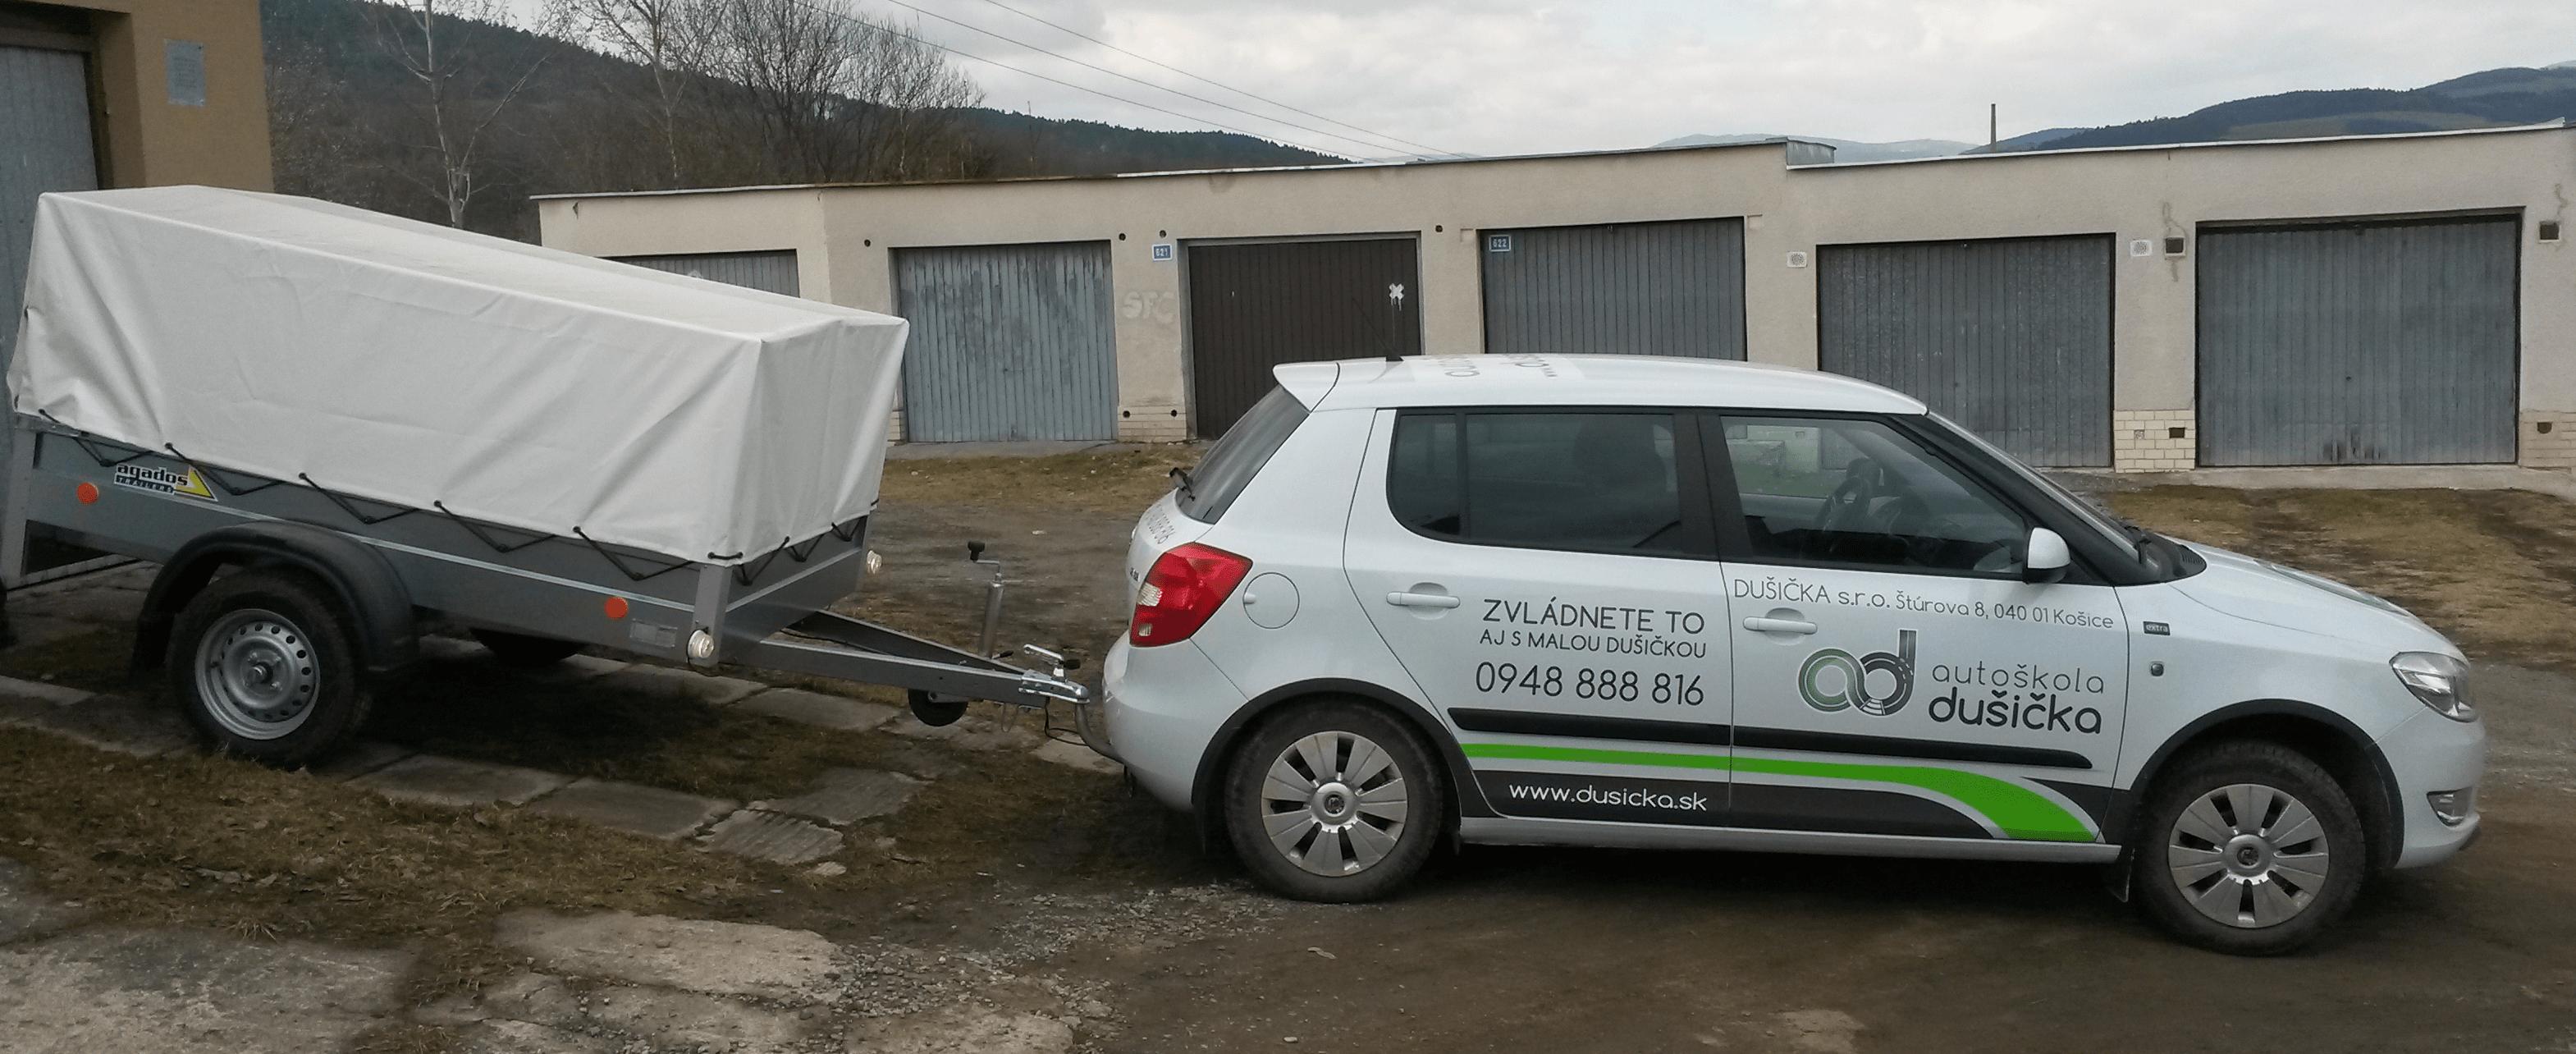 Prívesný vozík do 750kg, autoškola dušička Košice